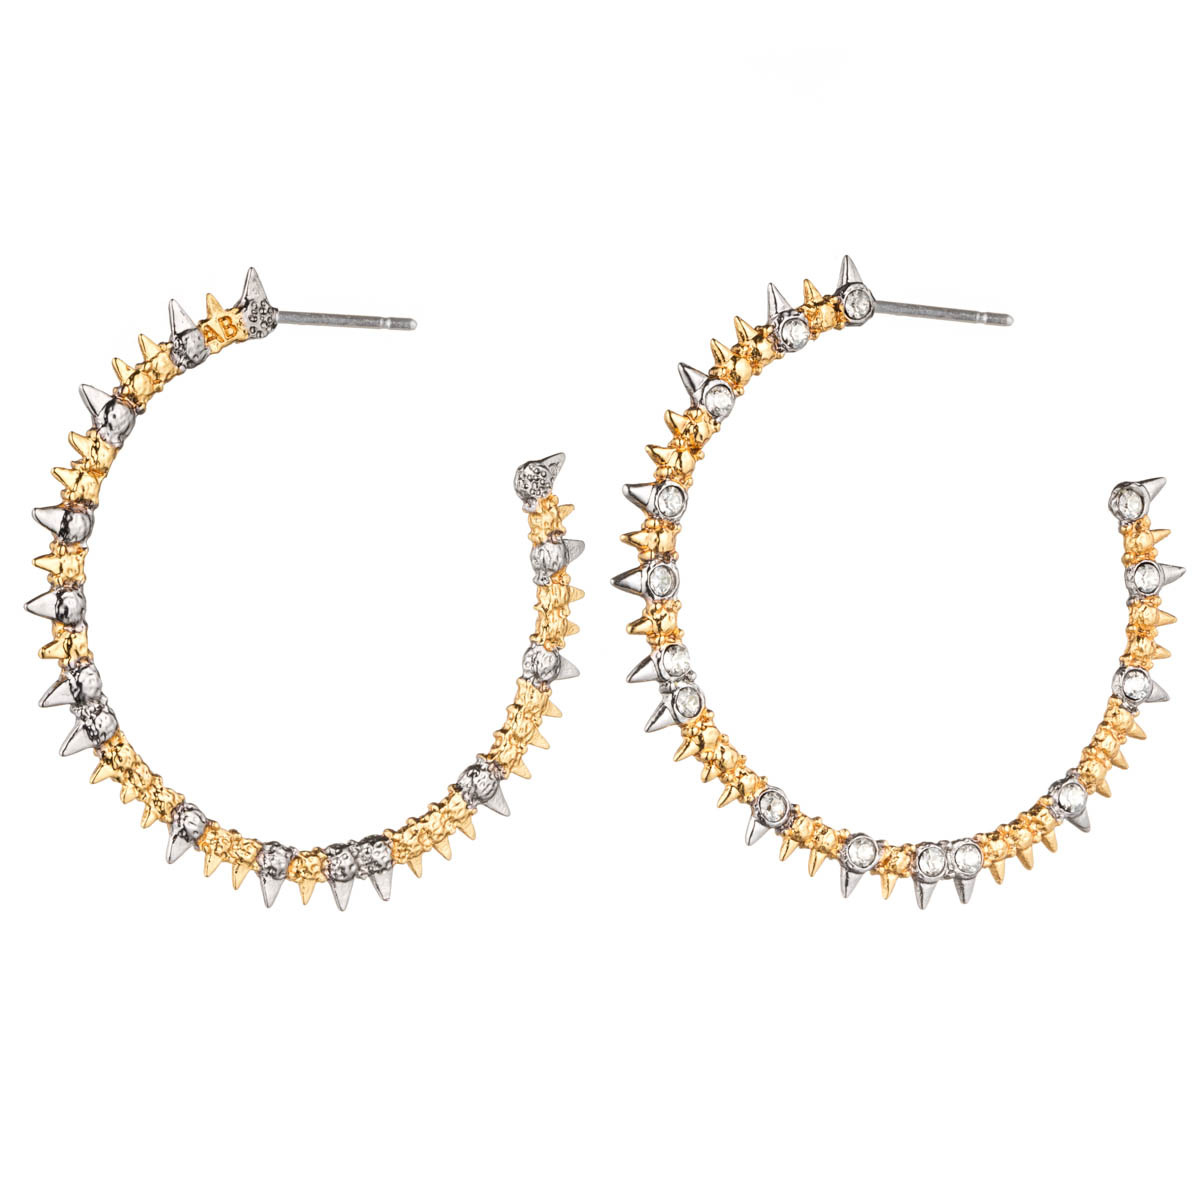 Gallery Women's Gold Hoop Earrings